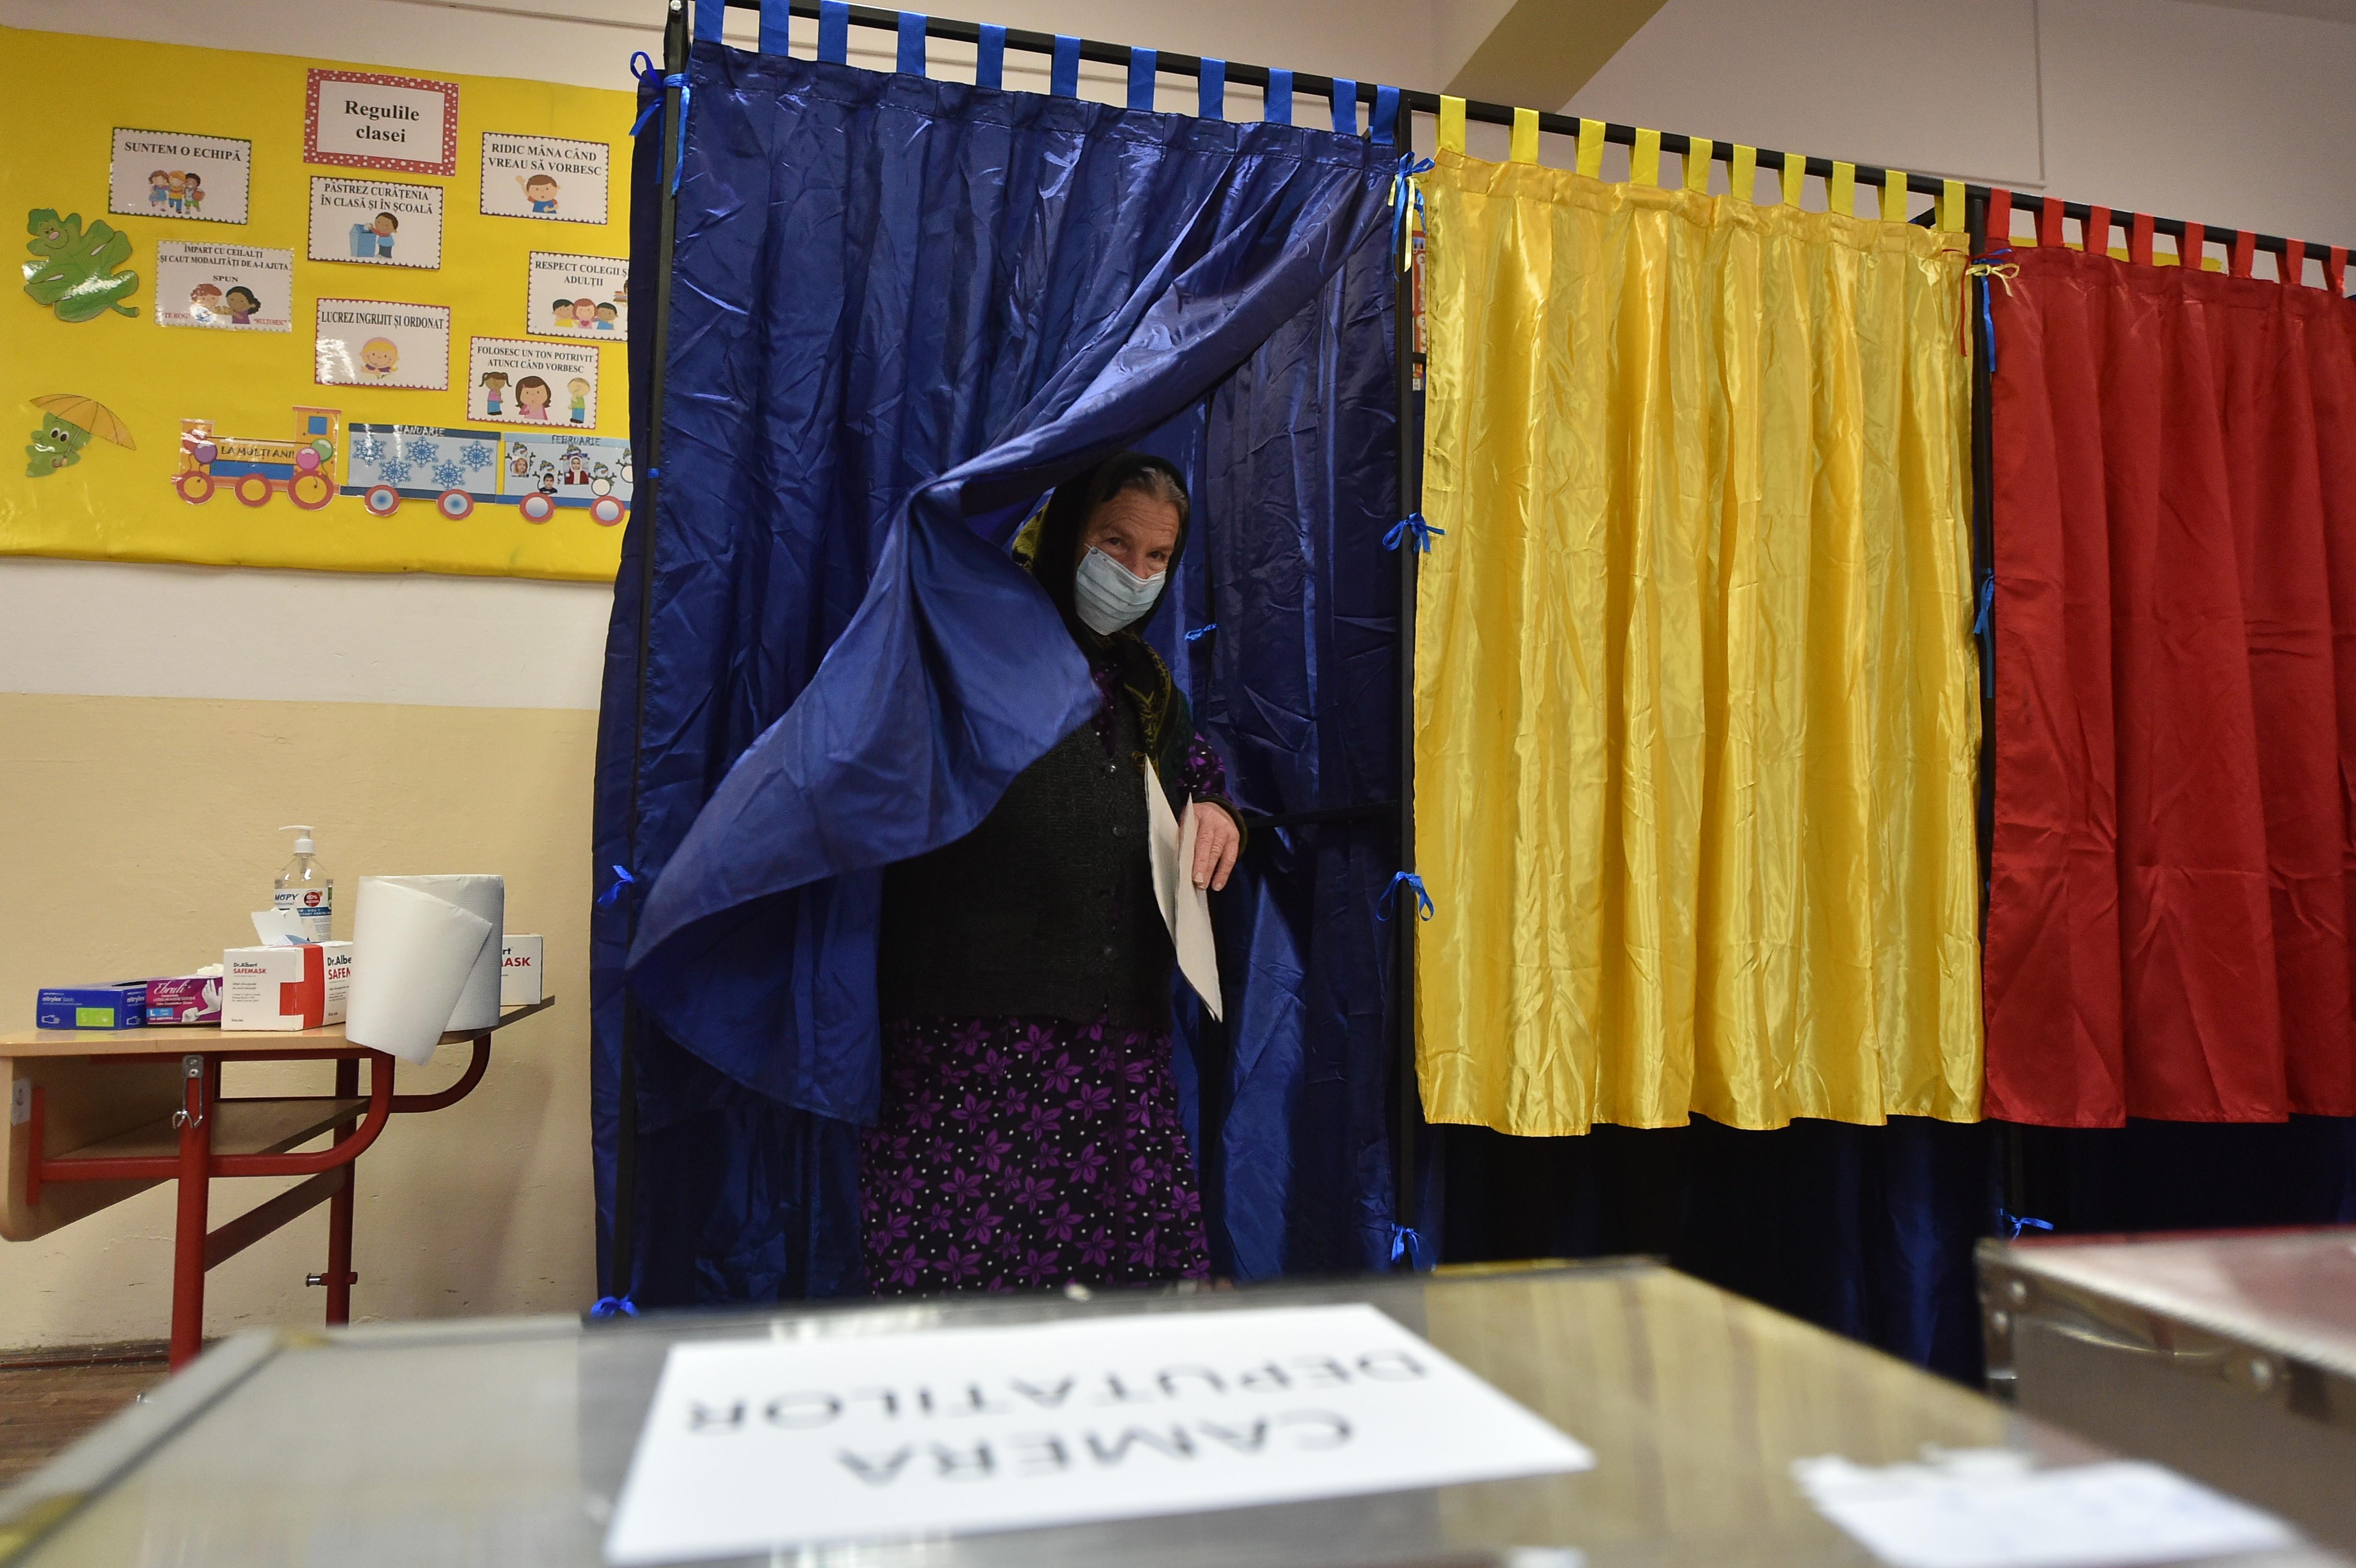 Cetățenii își exercită dreptul de vot, cu ocazia alegerilor parlamentare